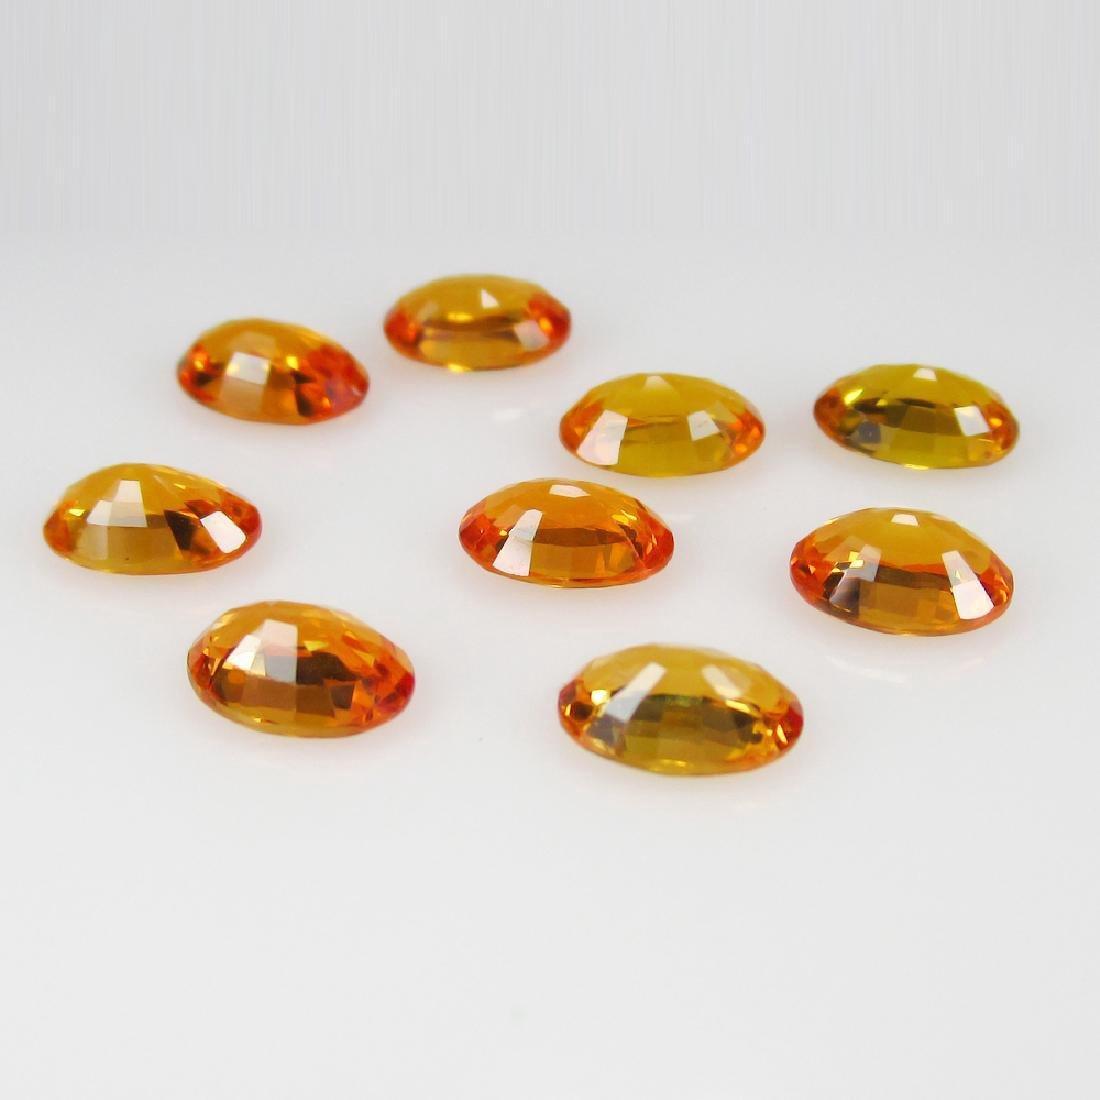 5.17 Carat Loose Orange Sapphire Necklace Set - 2